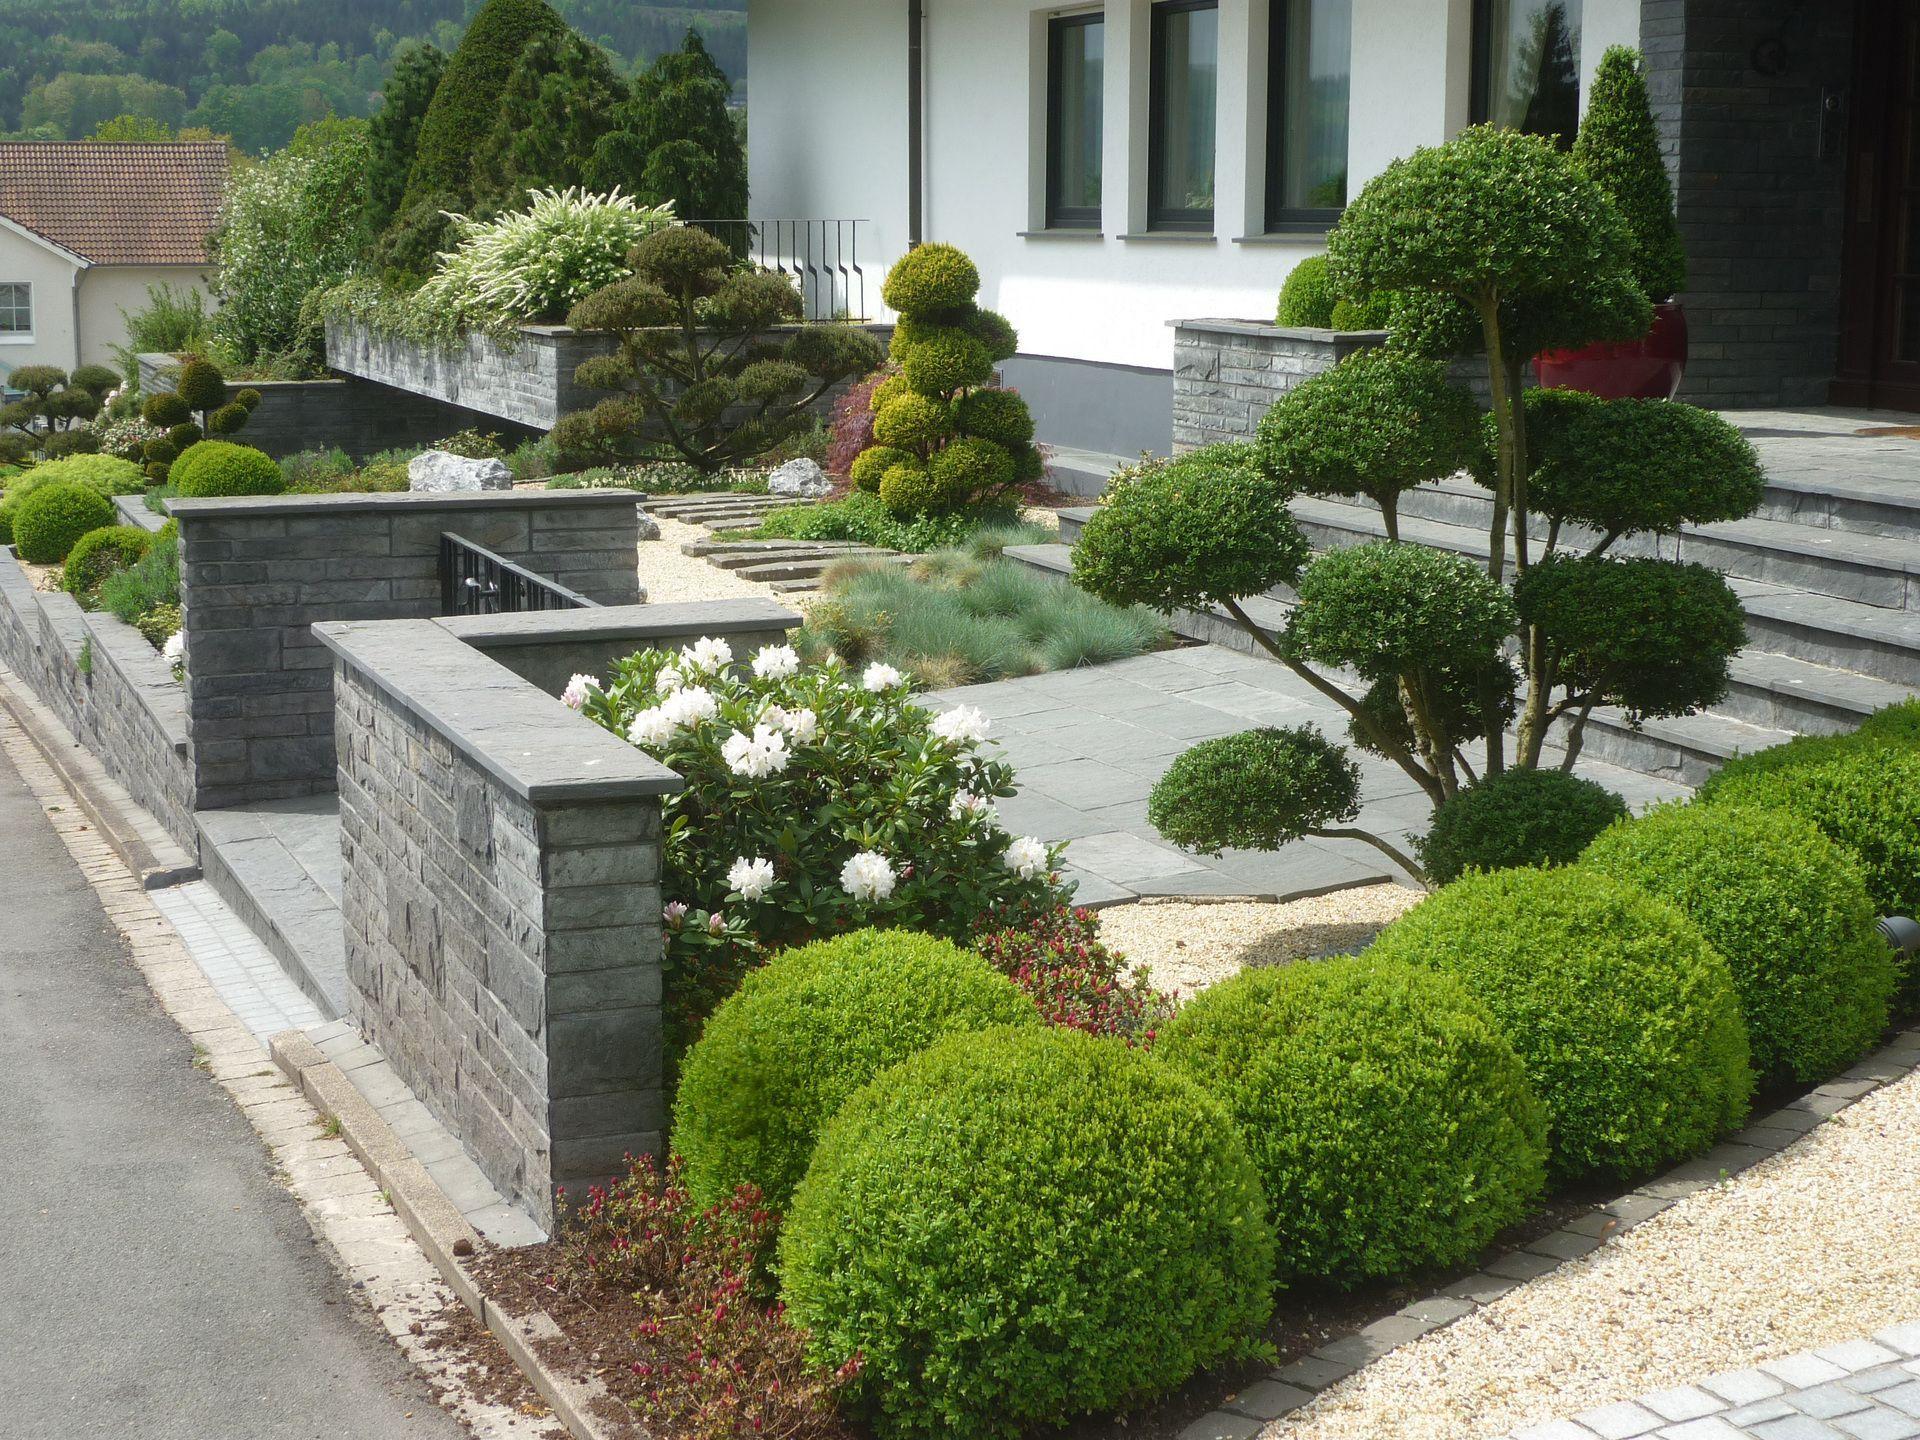 Der Vorgarten: Blühend, schön und pflegeleicht - bauemotion.de ...